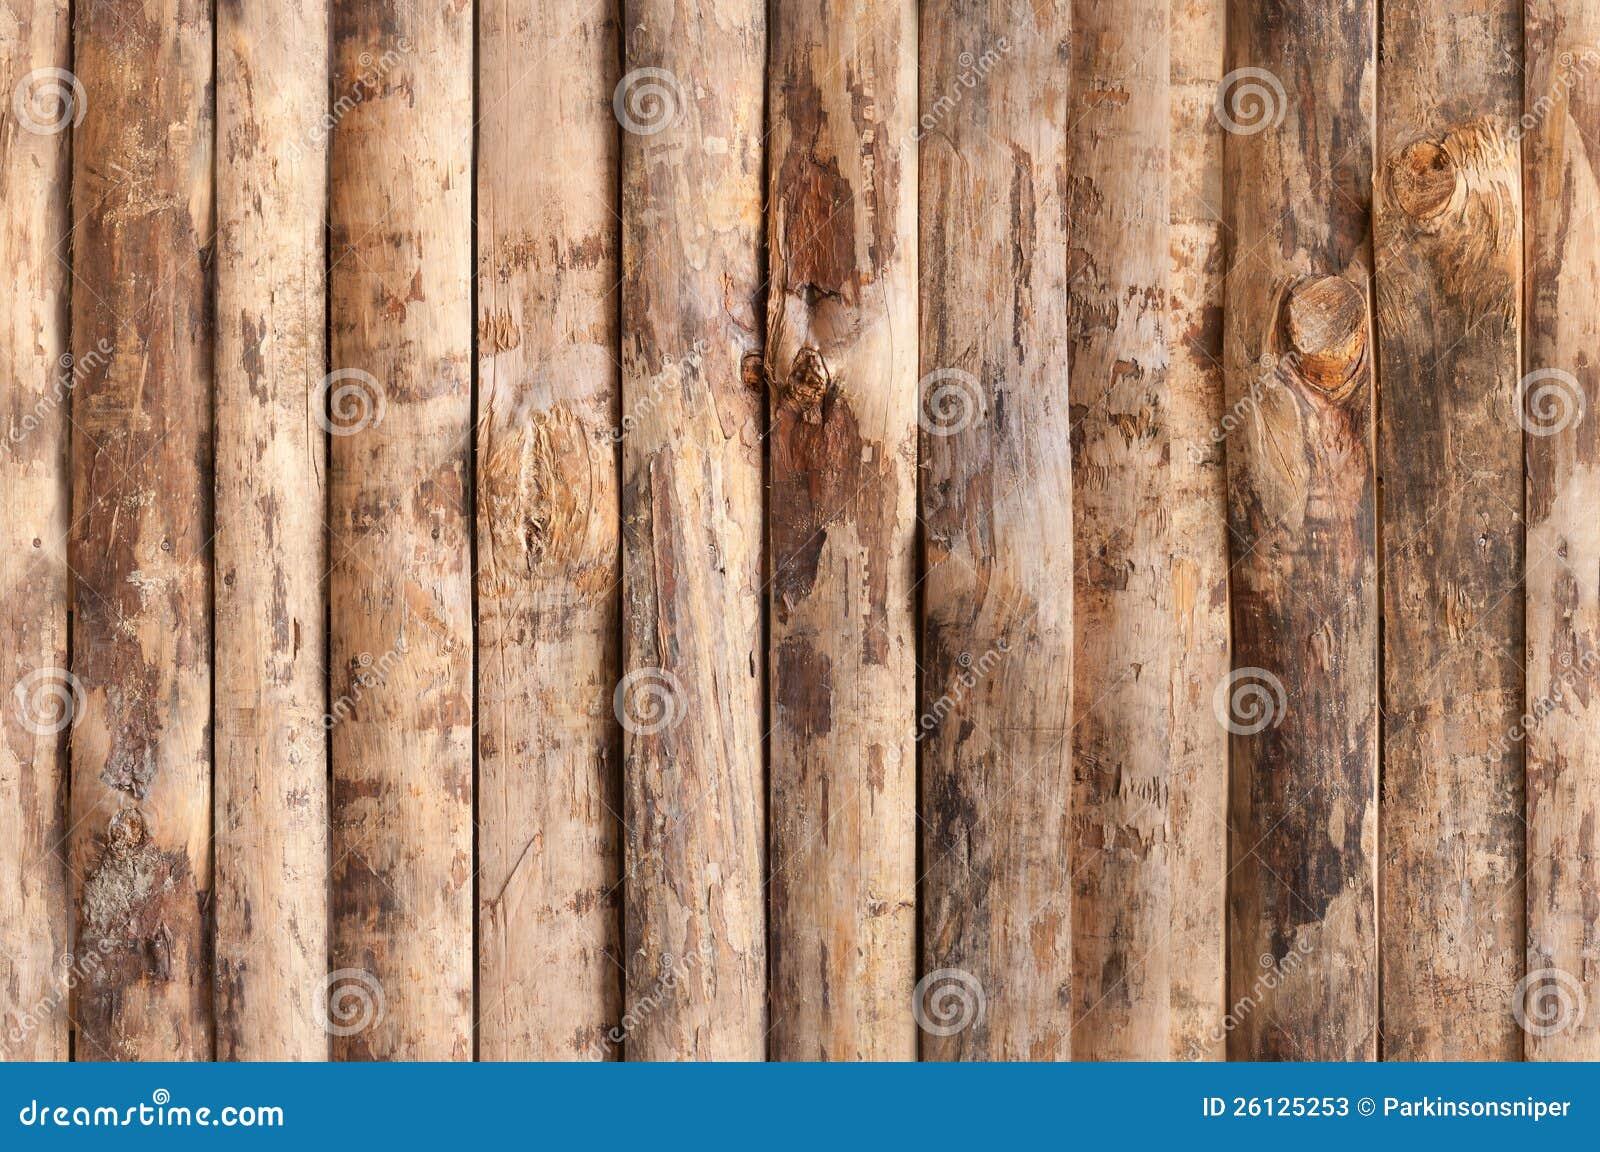 Bezszwowe Drewniane Deski